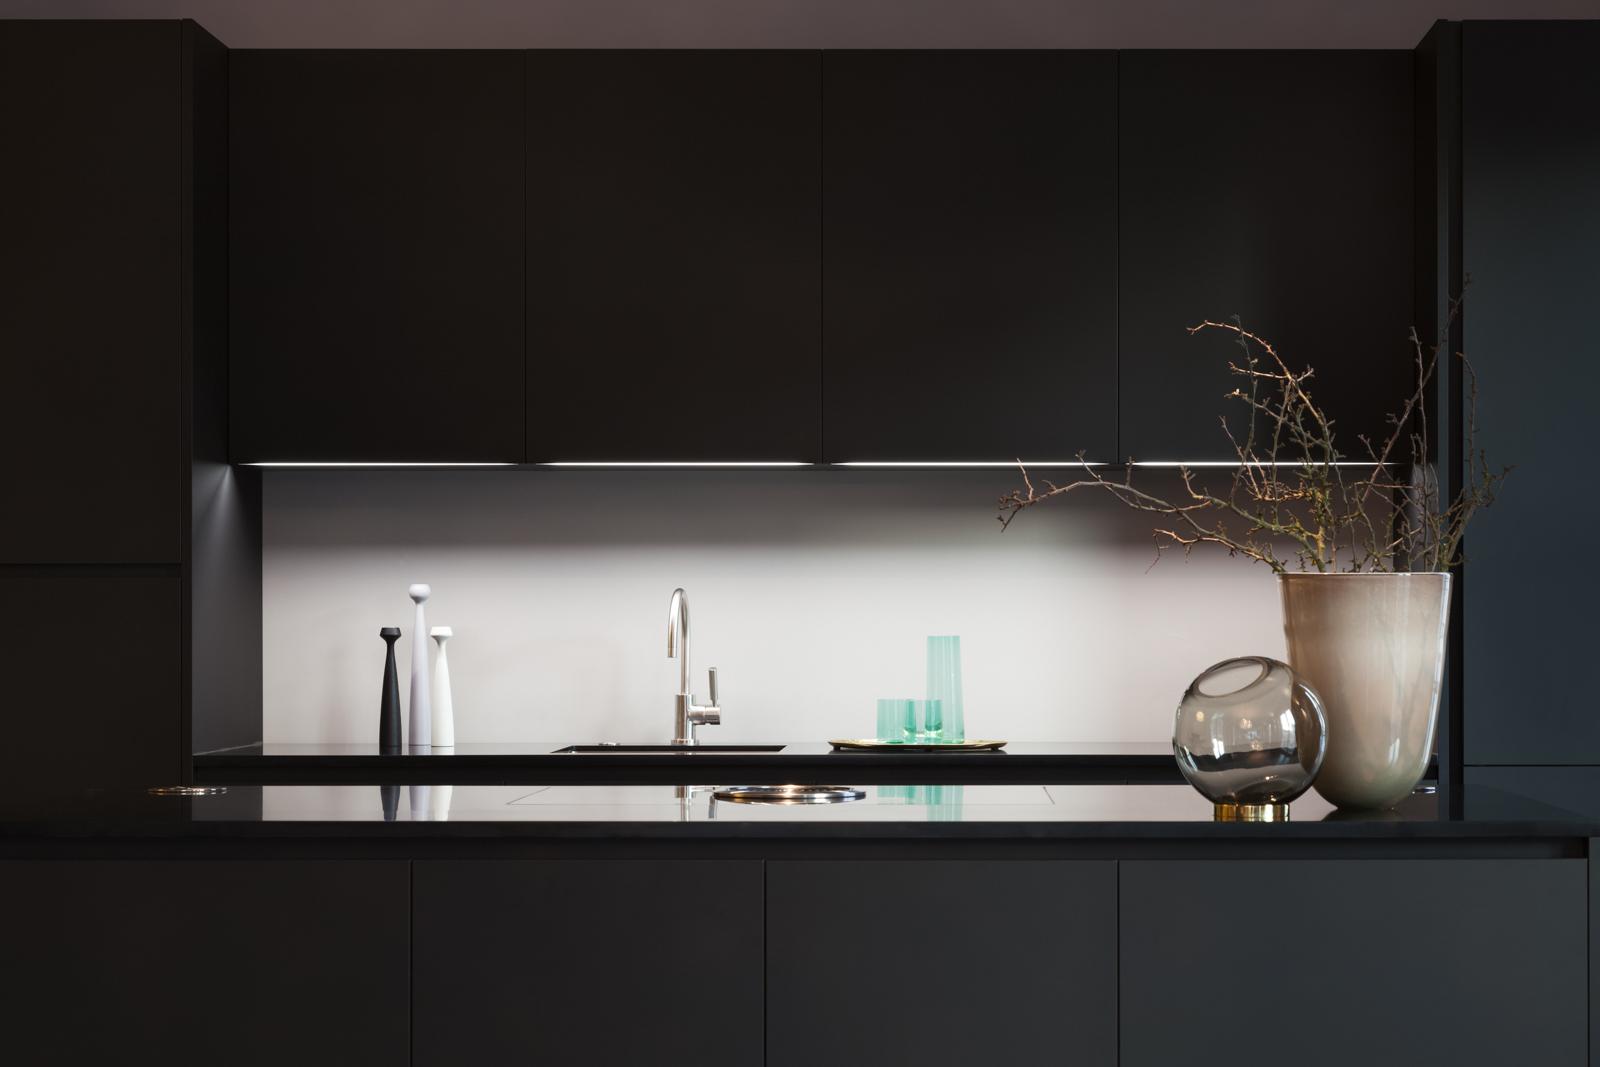 Interiorfotografie für Herrendorf Inneneinrichter Poliform Küche